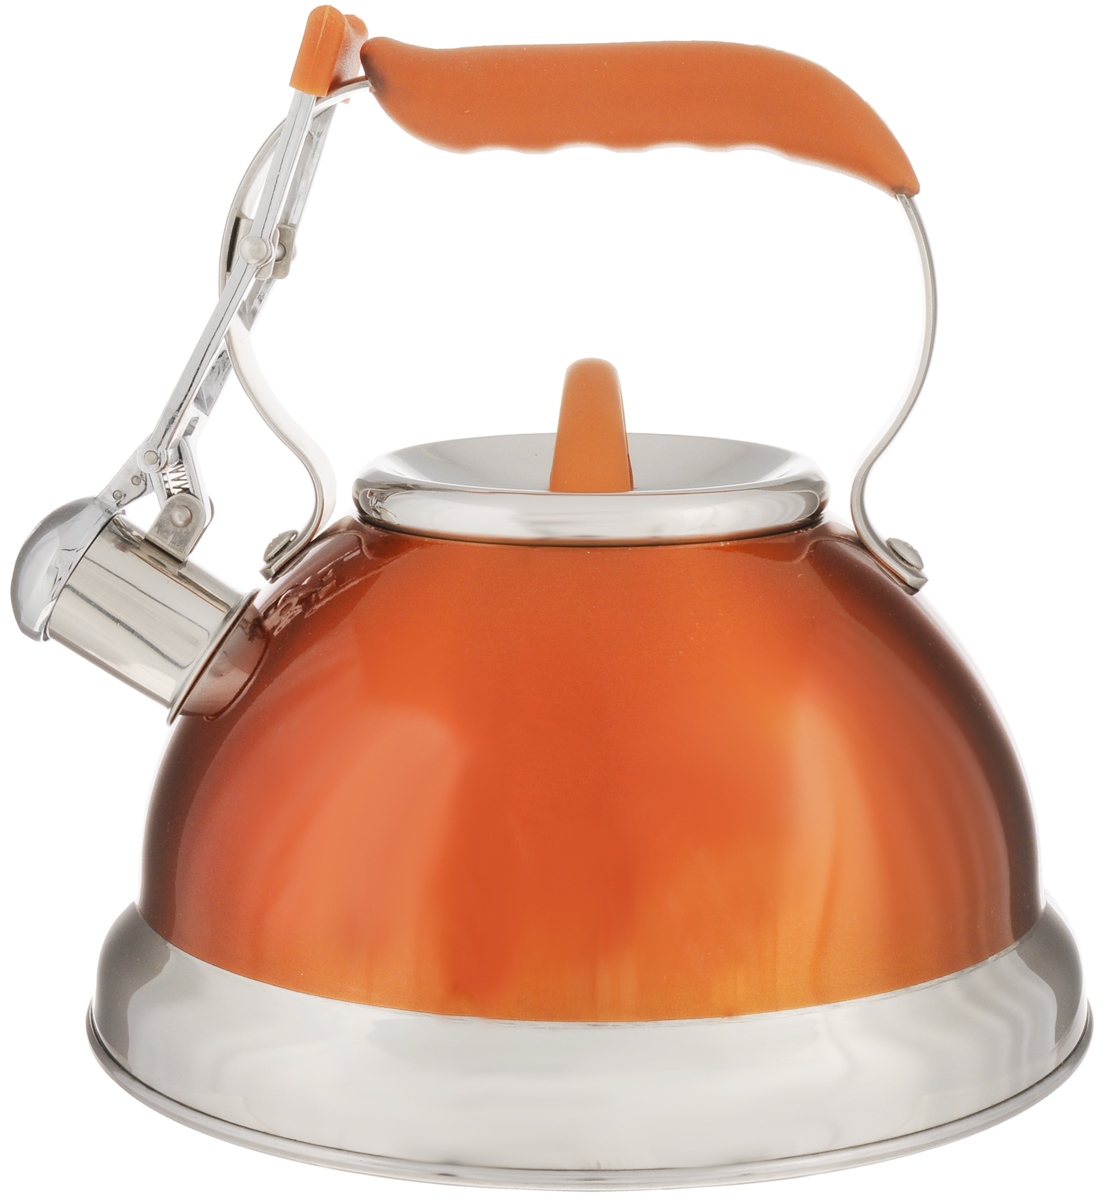 Чайник Calve, со свистком, цвет: оранжевый, 2,7 л54 009312Чайник Calve изготовлен из высококачественной нержавеющей стали 18/10, внешние стенки имеют цветное глянцевое покрытие. Нержавеющая сталь обладает высокой устойчивостью к коррозии, не вступает в реакцию с холодными и горячими продуктами и полностью сохраняет их вкусовые качества. Особая конструкция капсулированного дна способствует высокой теплопроводности и равномерному распределению тепла. Чайник оснащен удобной фиксированной ручкой с силиконовым покрытием. Носик чайника имеет откидной свисток с перфорацией в виде смайлика, звуковой сигнал которого подскажет, когда закипит вода. Свисток открывается с помощью рычага на ручке чайника. Чайник подходит для всех типов плит, включая индукционные. Можно мыть в посудомоечной машине.Диаметр чайника (по верхнему краю): 10 см.Высота чайника (без учета ручки и крышки): 11,5 см.Высота чайника (с учетом ручки): 22 см.